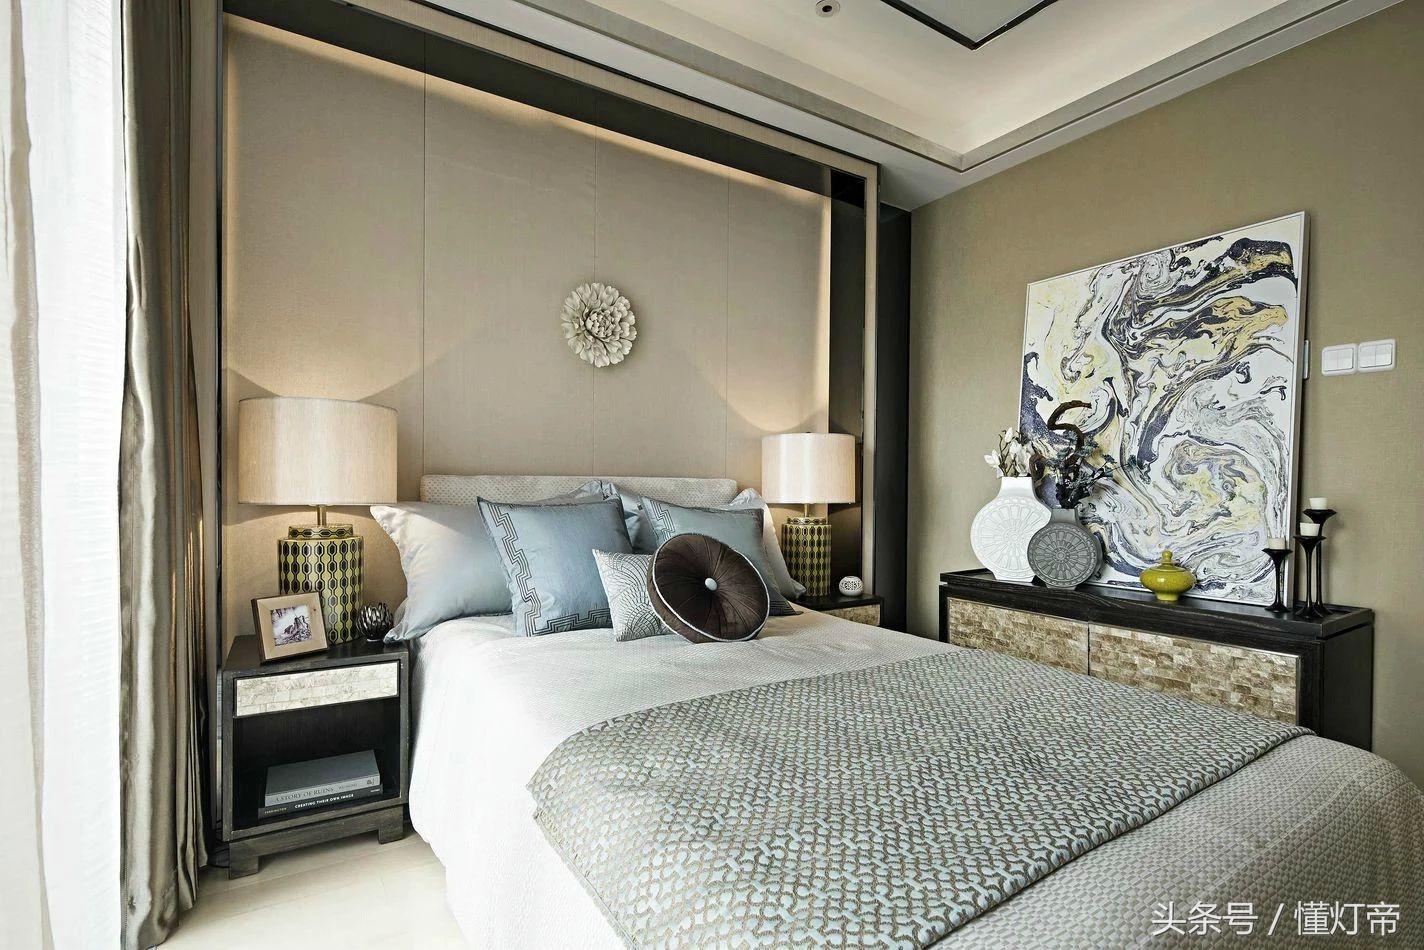 新中式风格装修,灯具应用搭配实景图给你参考,激发你的灵感!